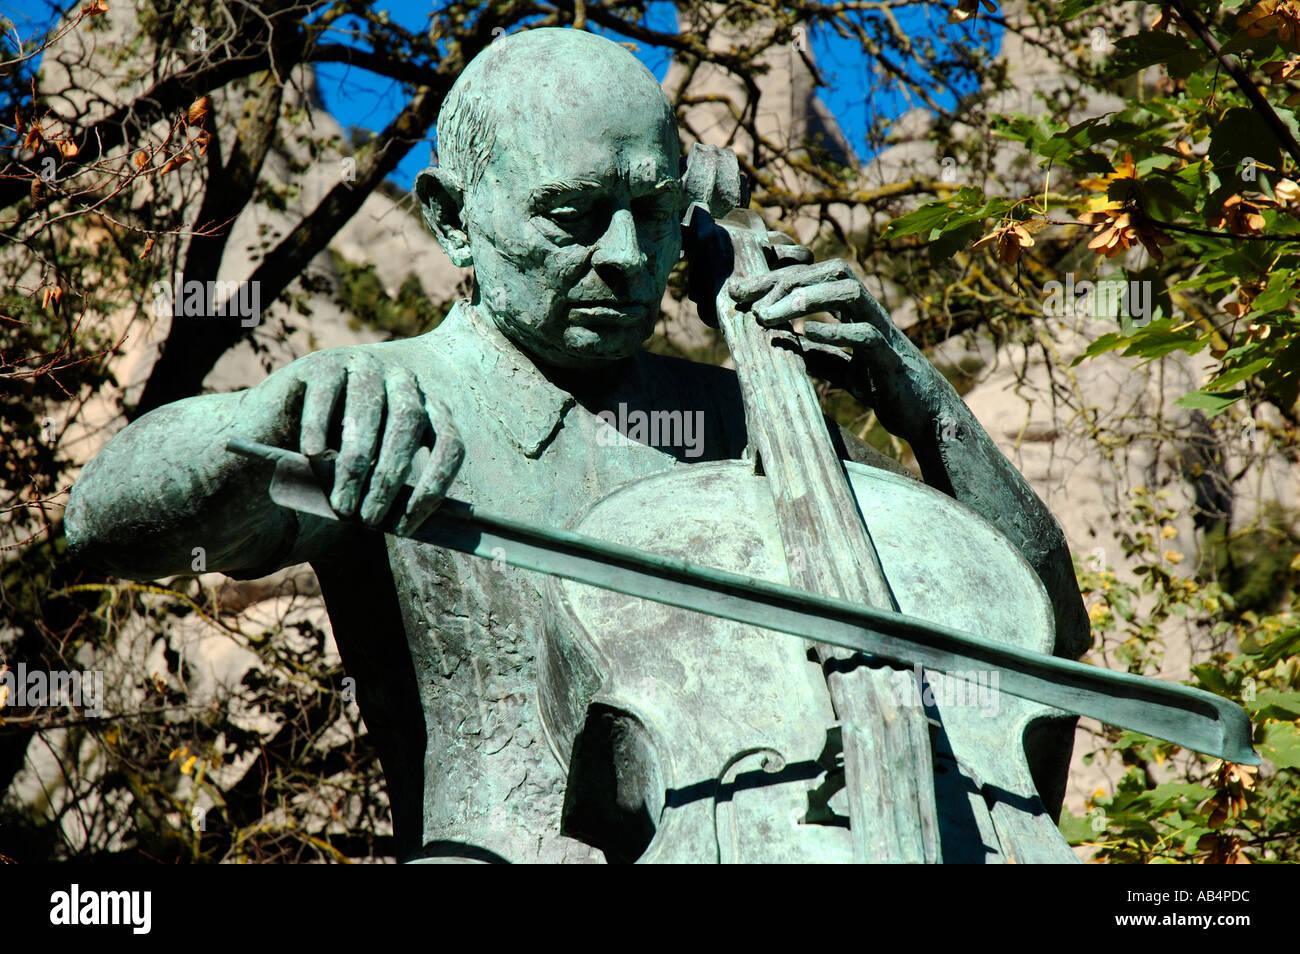 Statue des Cellisten Pablo Casals, Montserrat, Katalonien, Spanien Stockbild